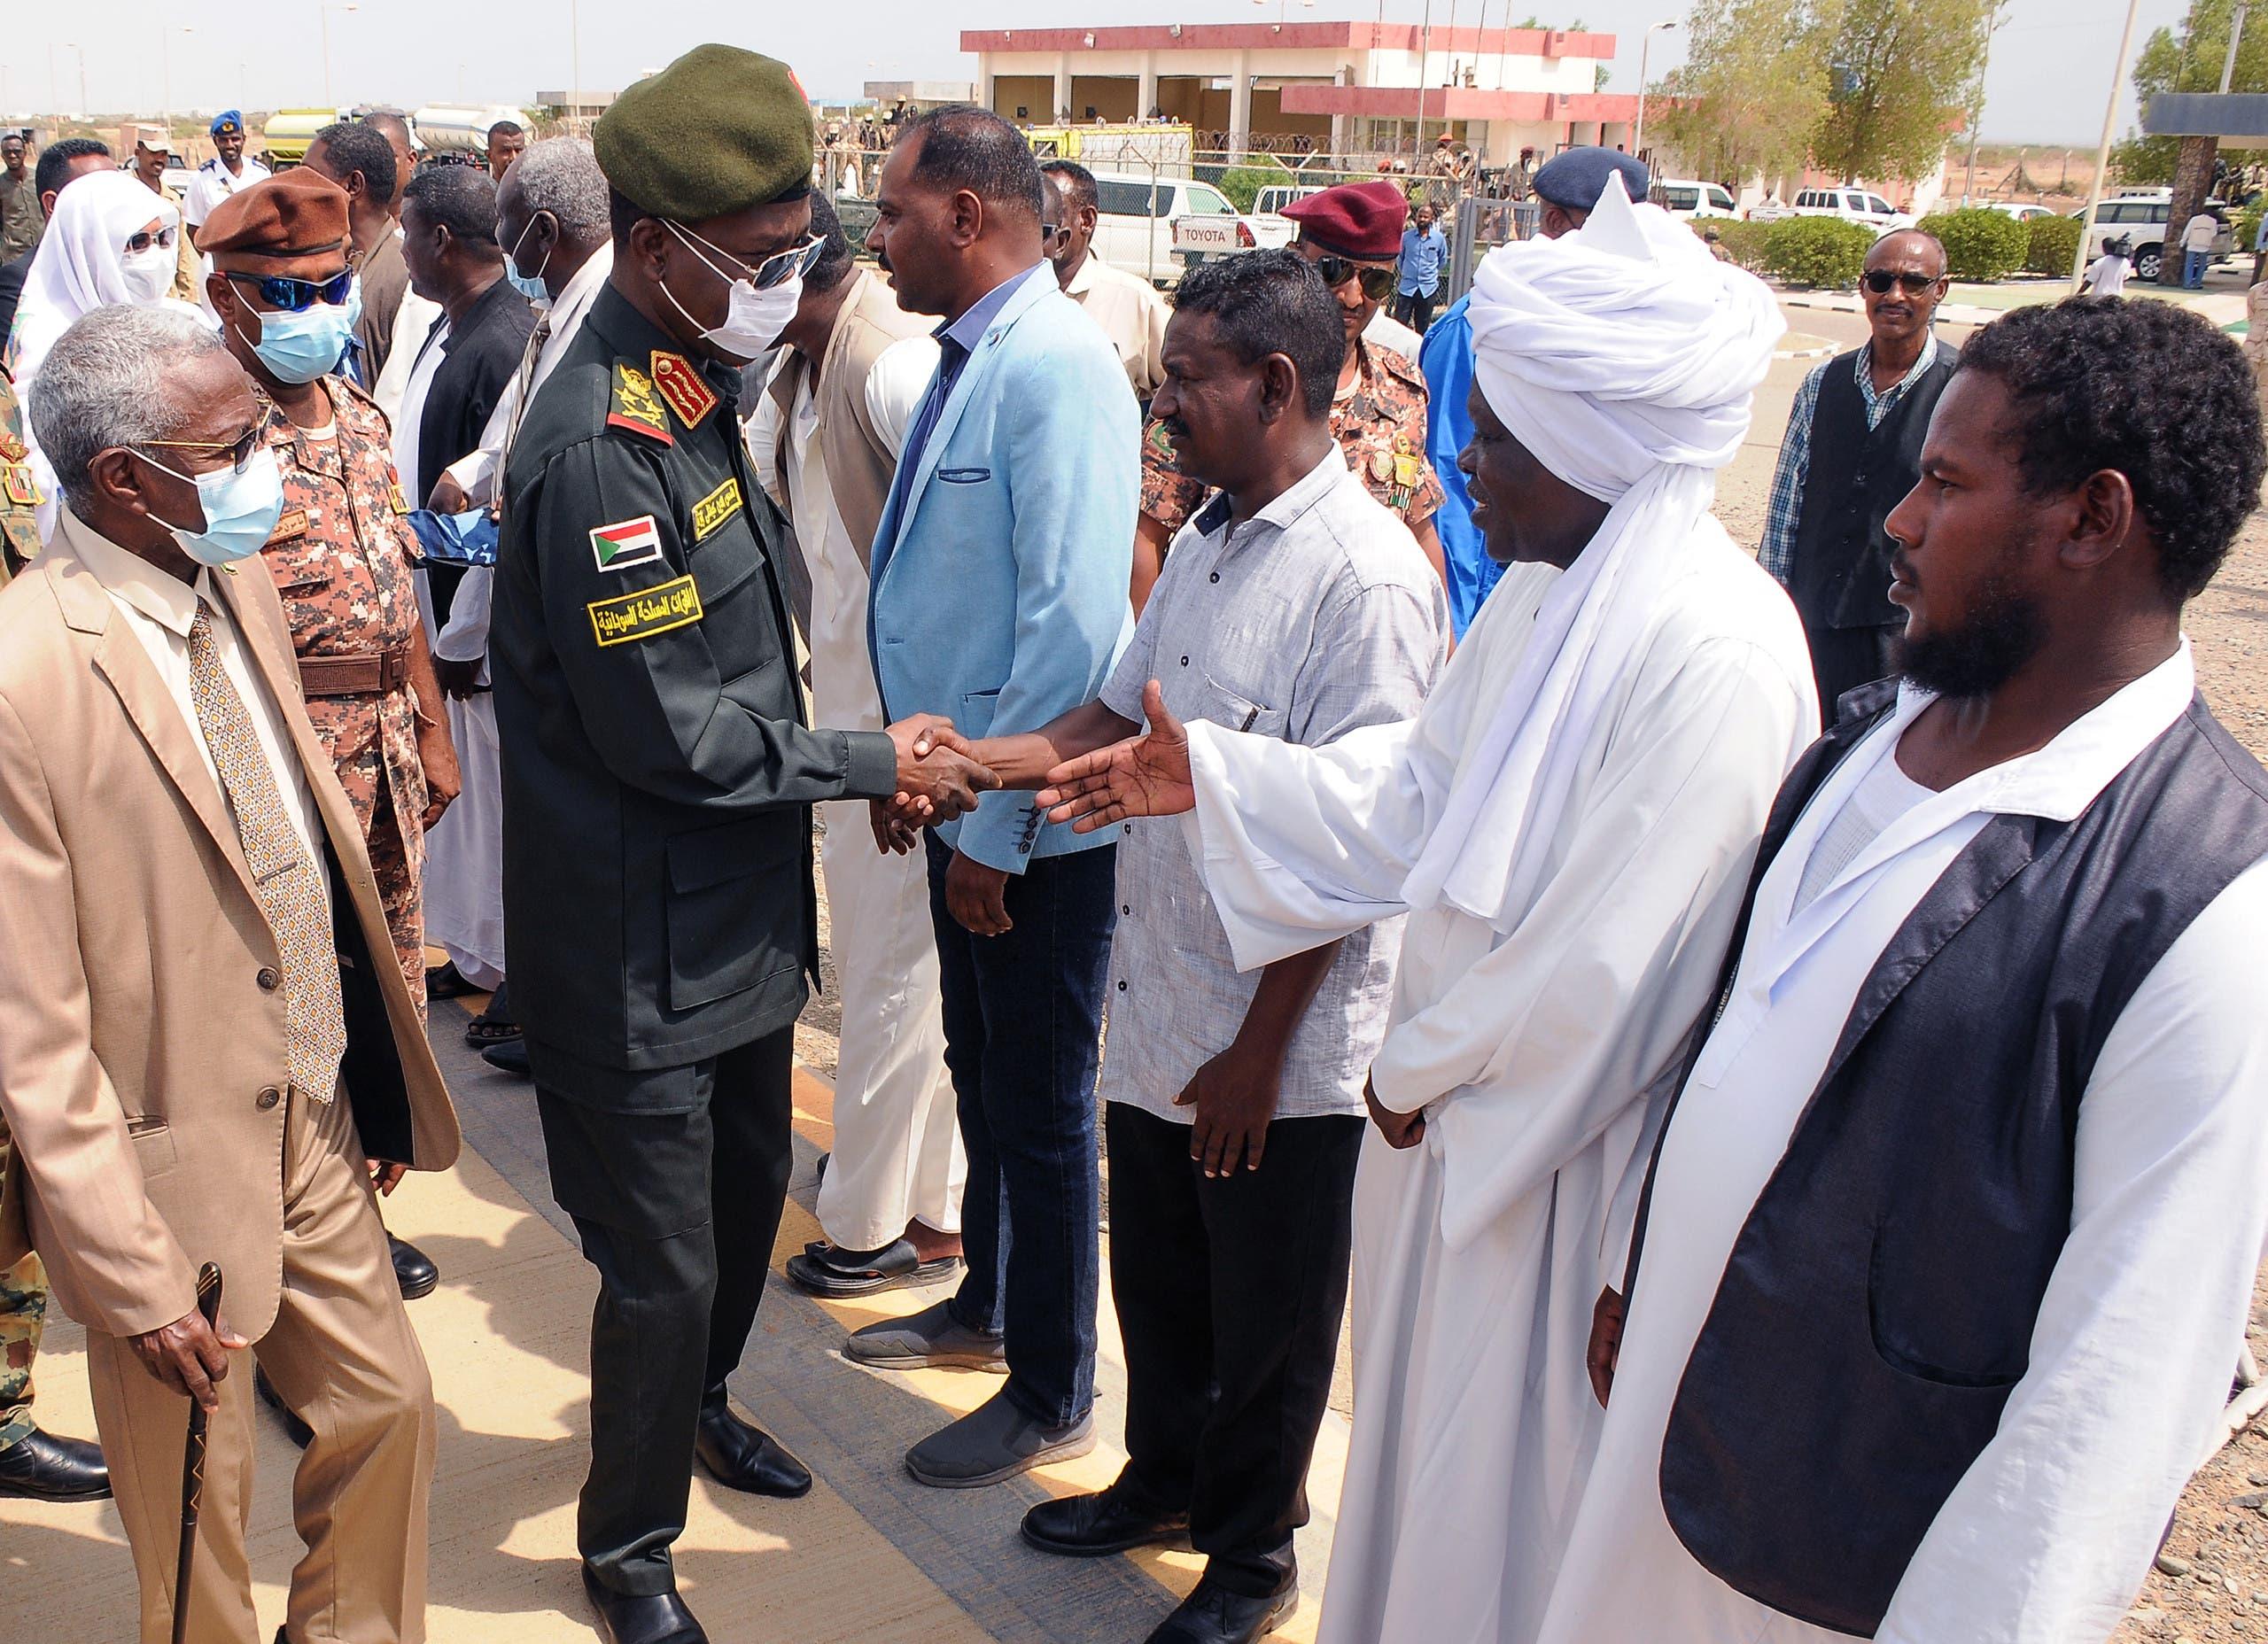 شمس الدين كباشي عضو مجلس السيادة خلال زيارته لبورتسودان(فرانس برس)